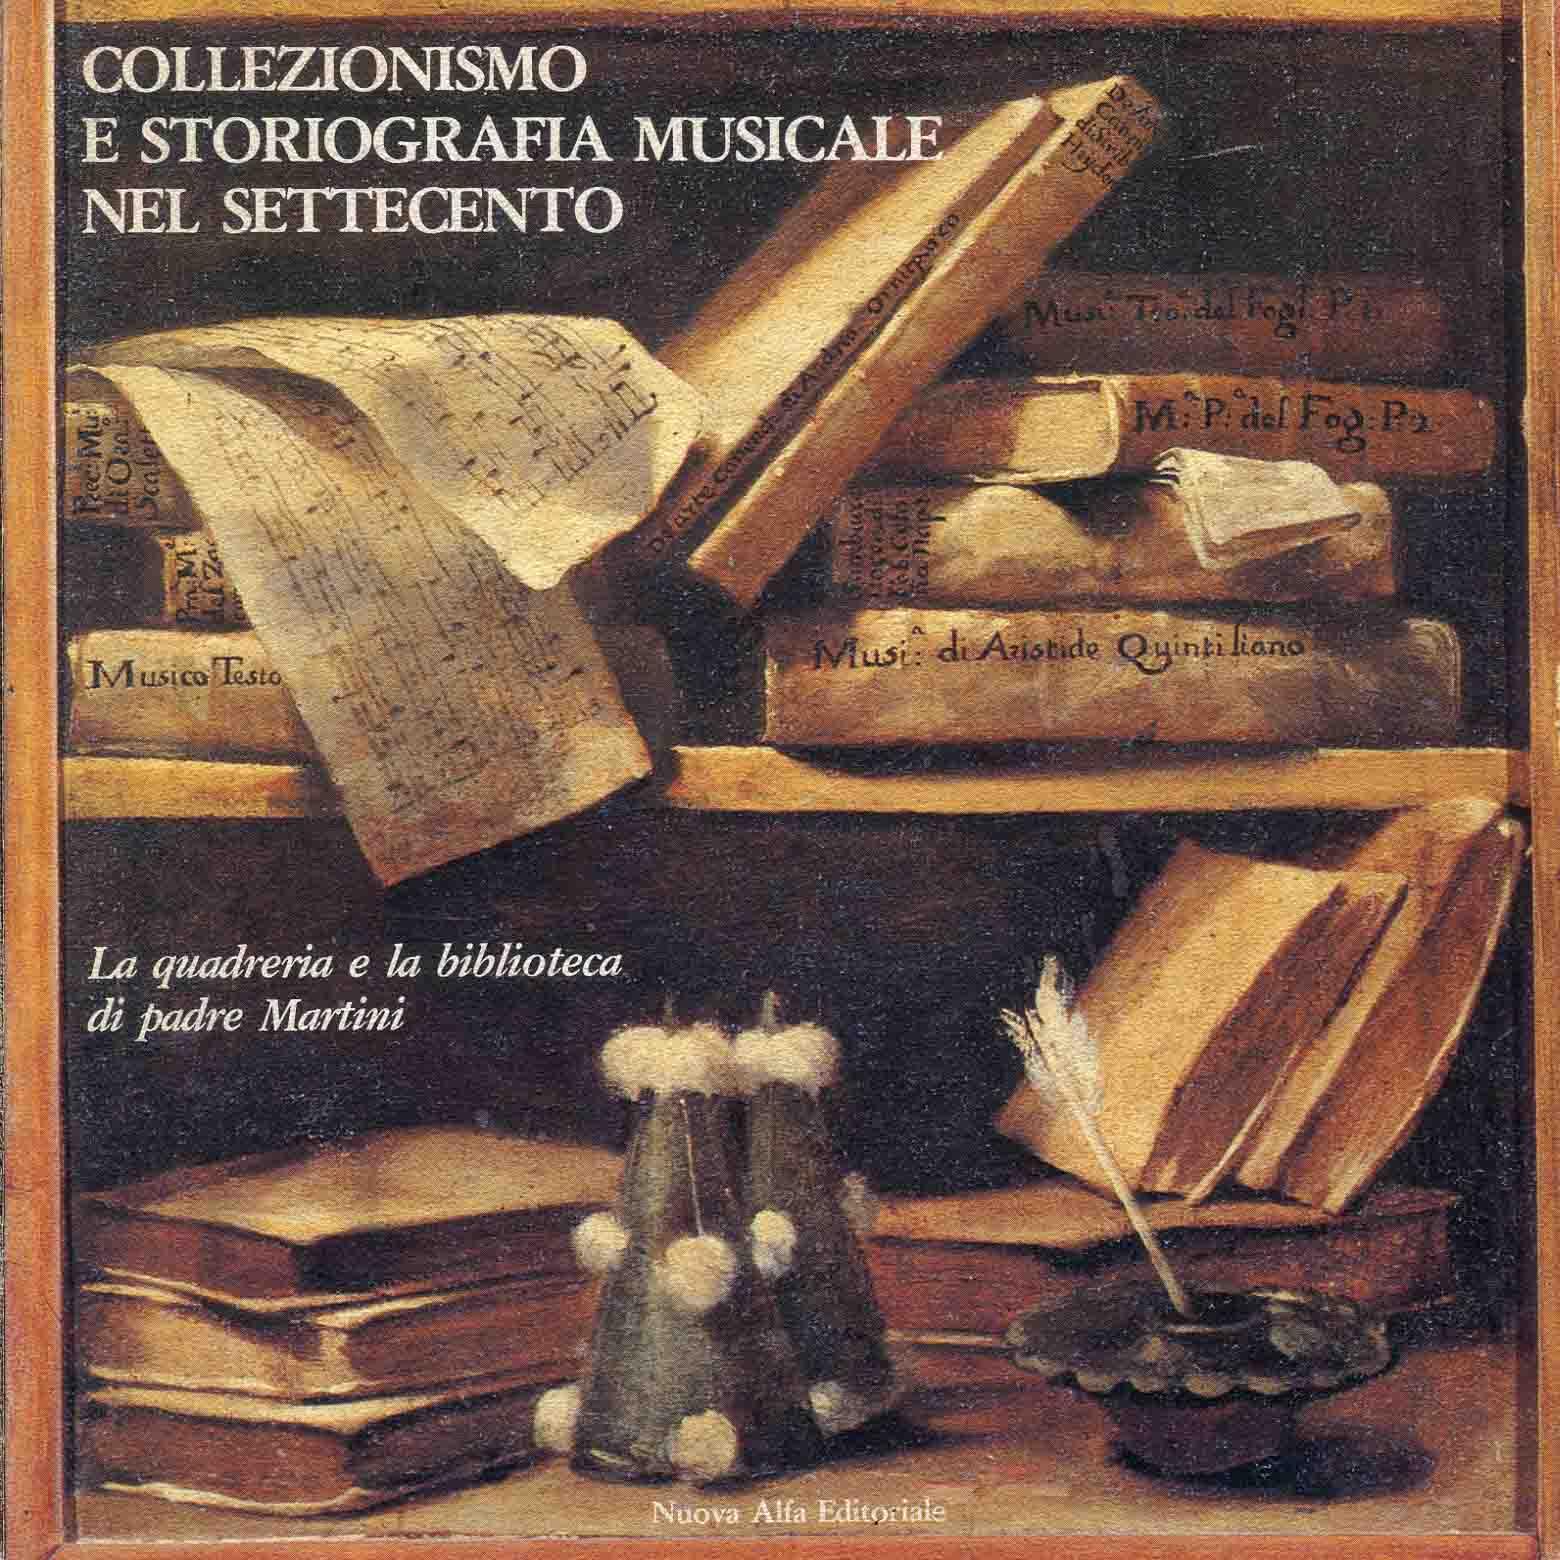 Collezionismo e storiografia musicale nel Settecento : la quadreria e la biblioteca di padre Martini